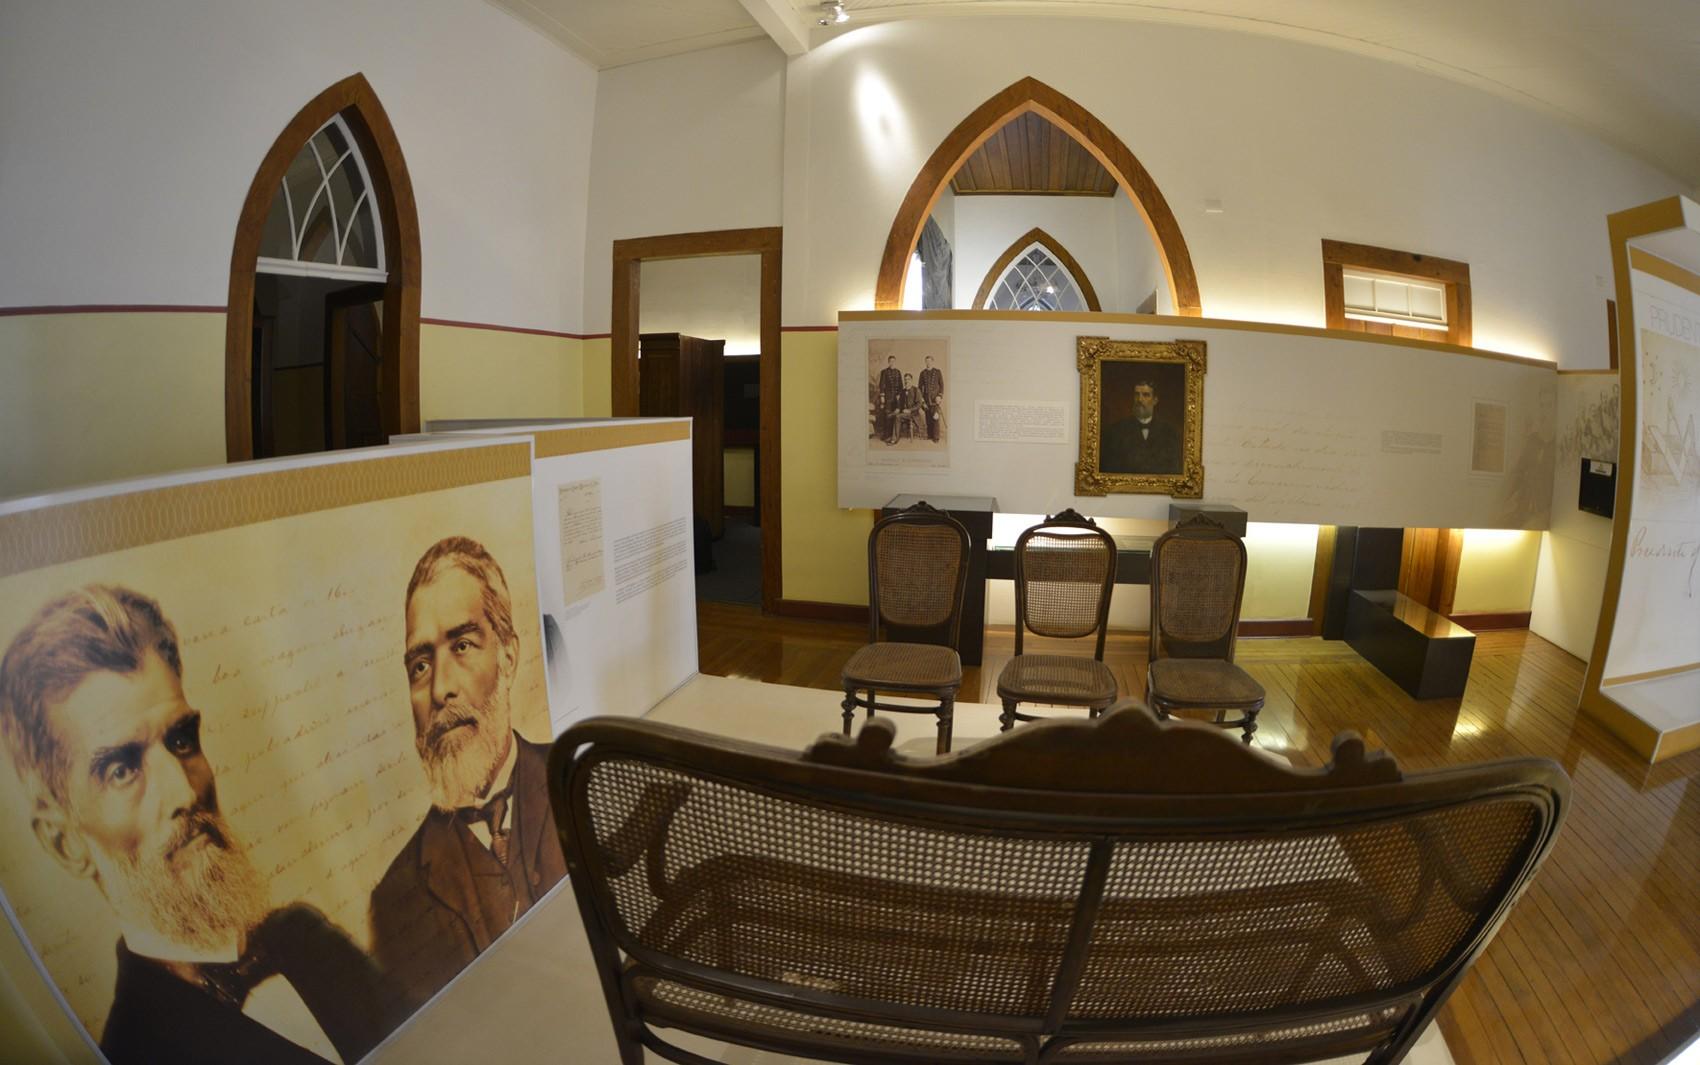 Museu Prudente de Moraes promove visita guiada e bate papo sobre a República até o dia 23